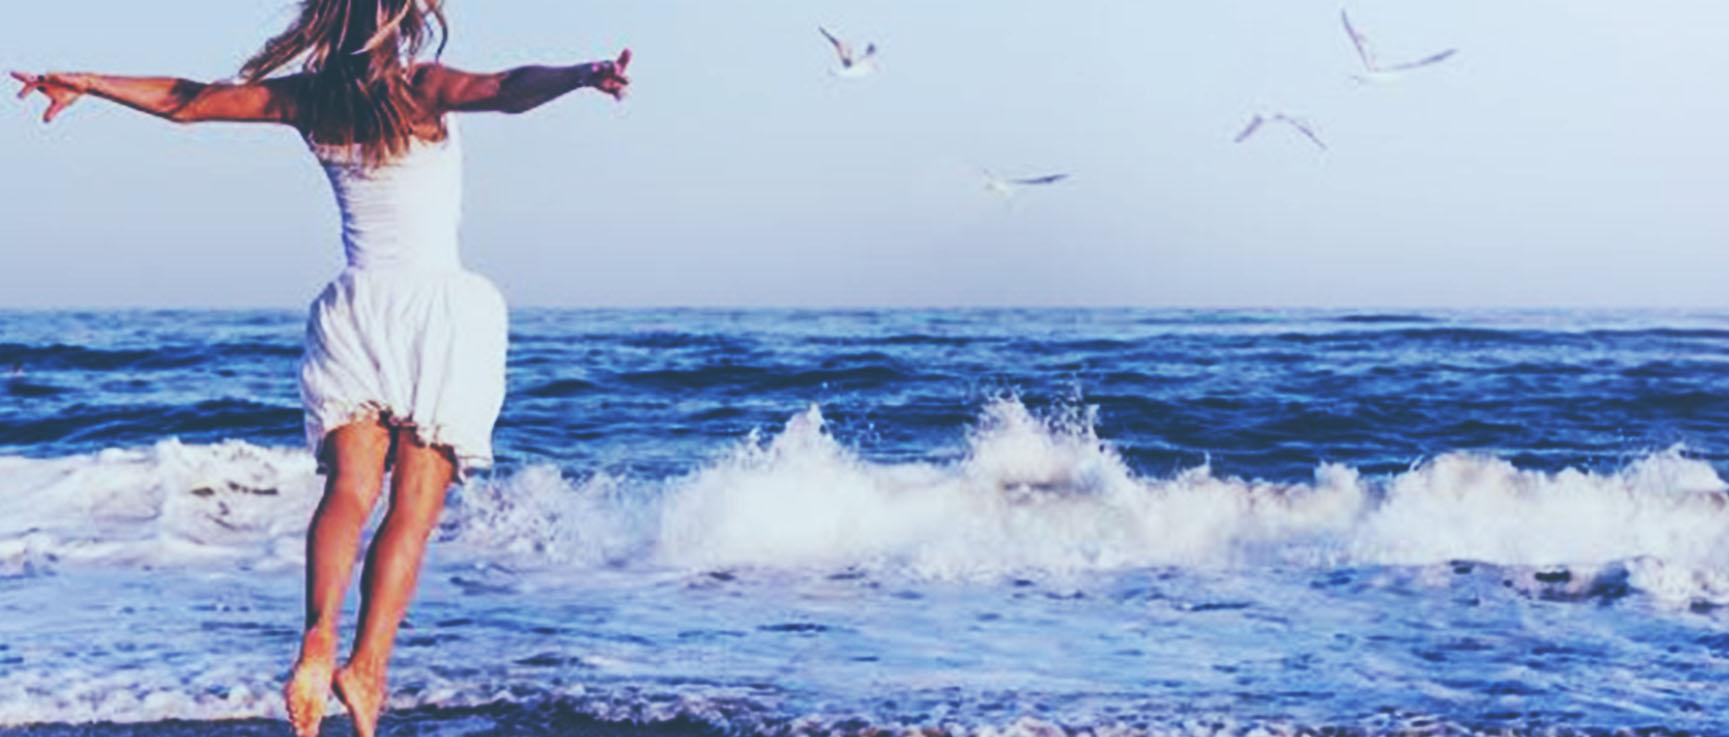 Resultado de imagem para pular 7 ondas